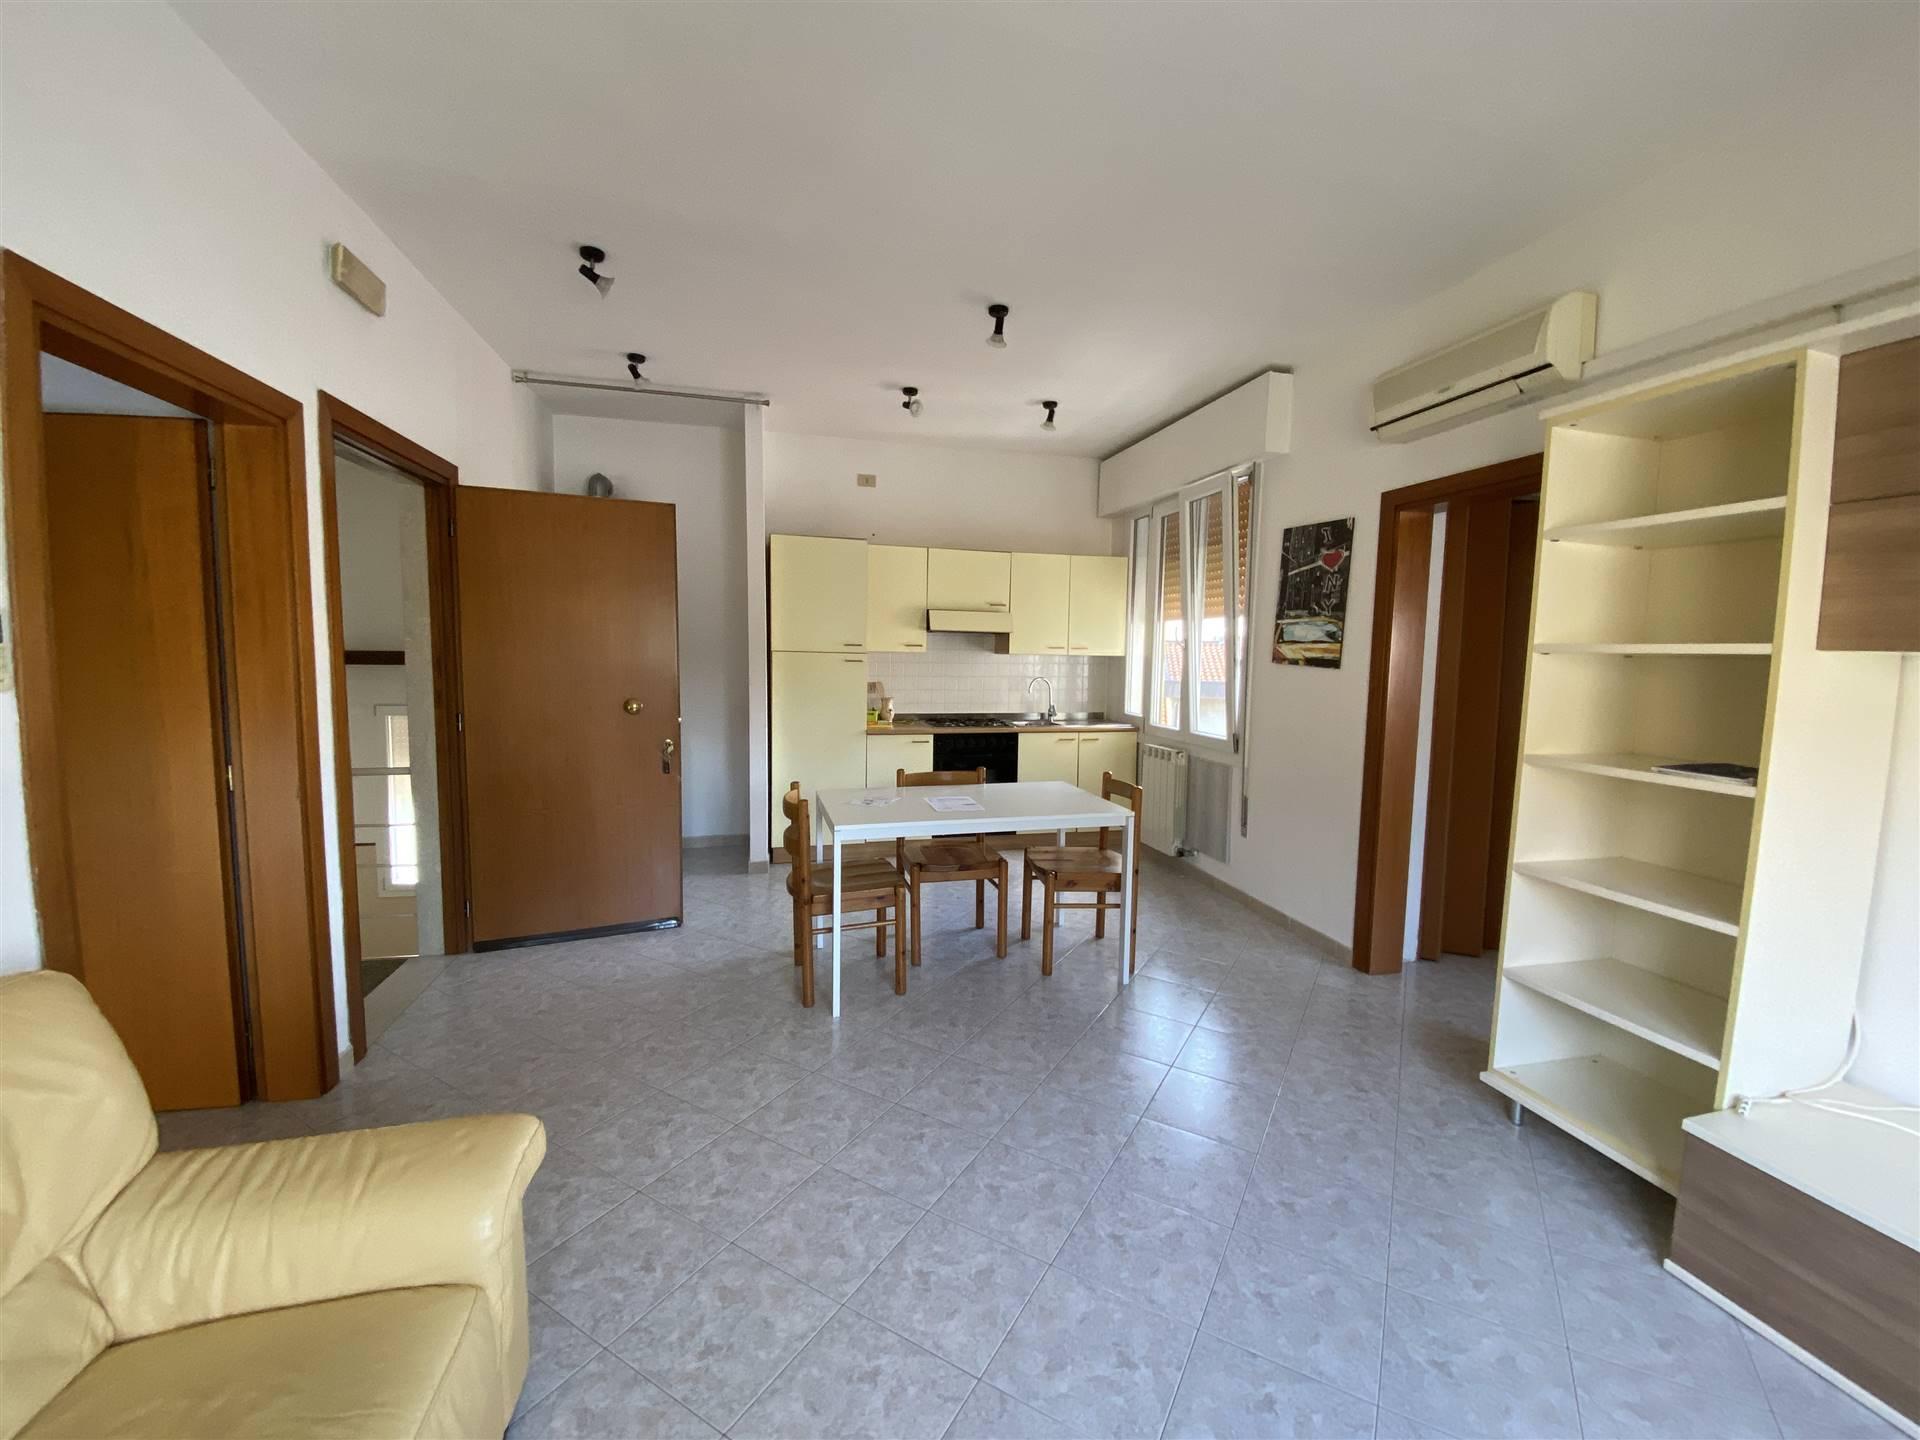 Rif. B246 SOTTOMARINA CENTRO: Affittasi in pieno centro di Sottomarina, appartamento al terzo piano in una palazzina di poche unità. Composto da